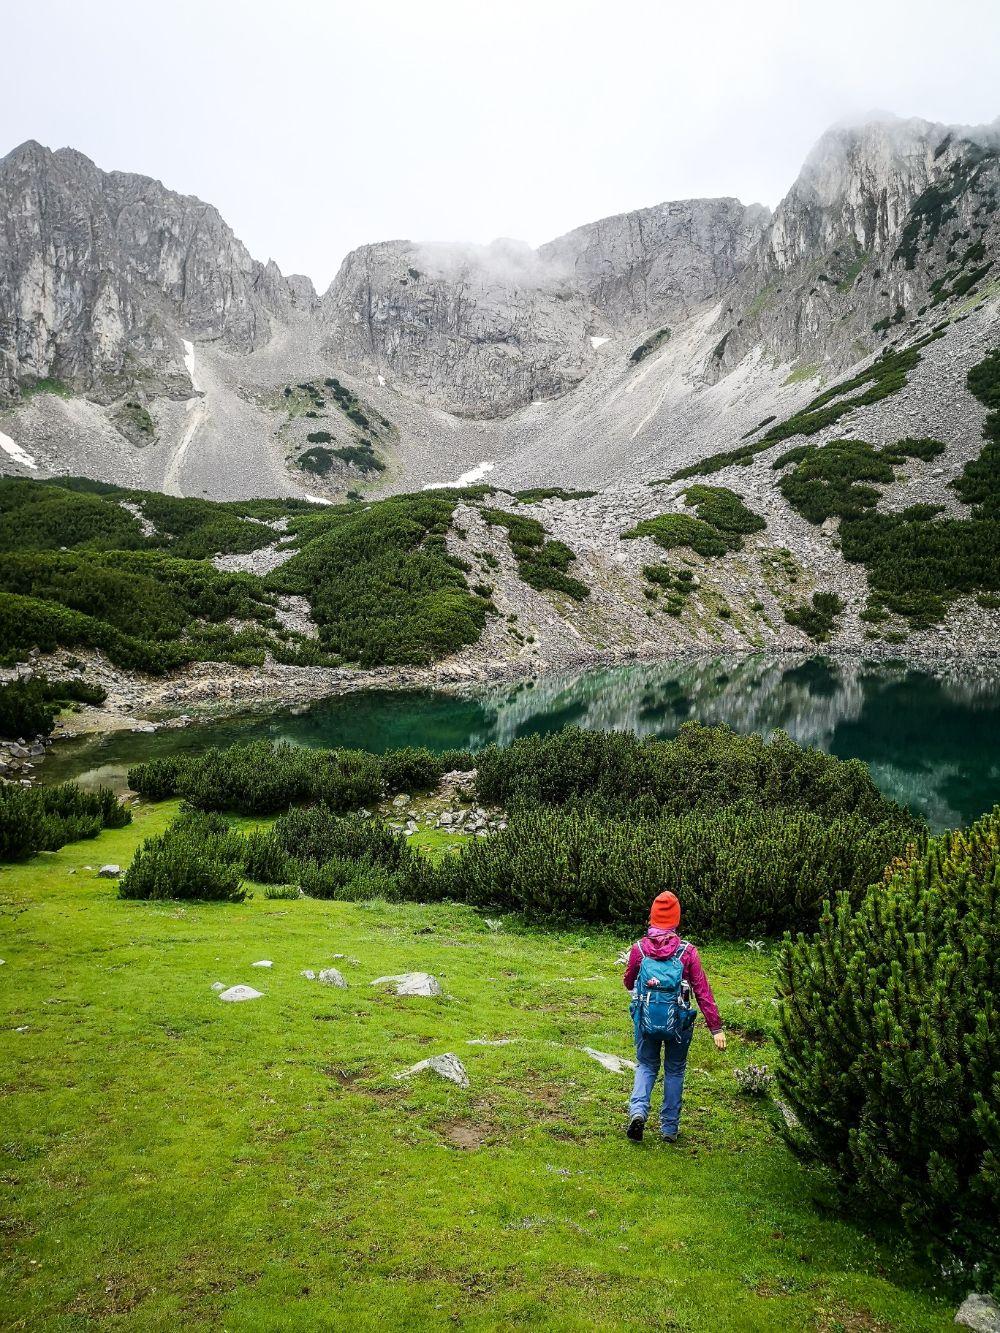 صور سفر، أجمل المواقع الطبيعية في اوروبا، حديقة بيرين الوطنية، بلغاريا